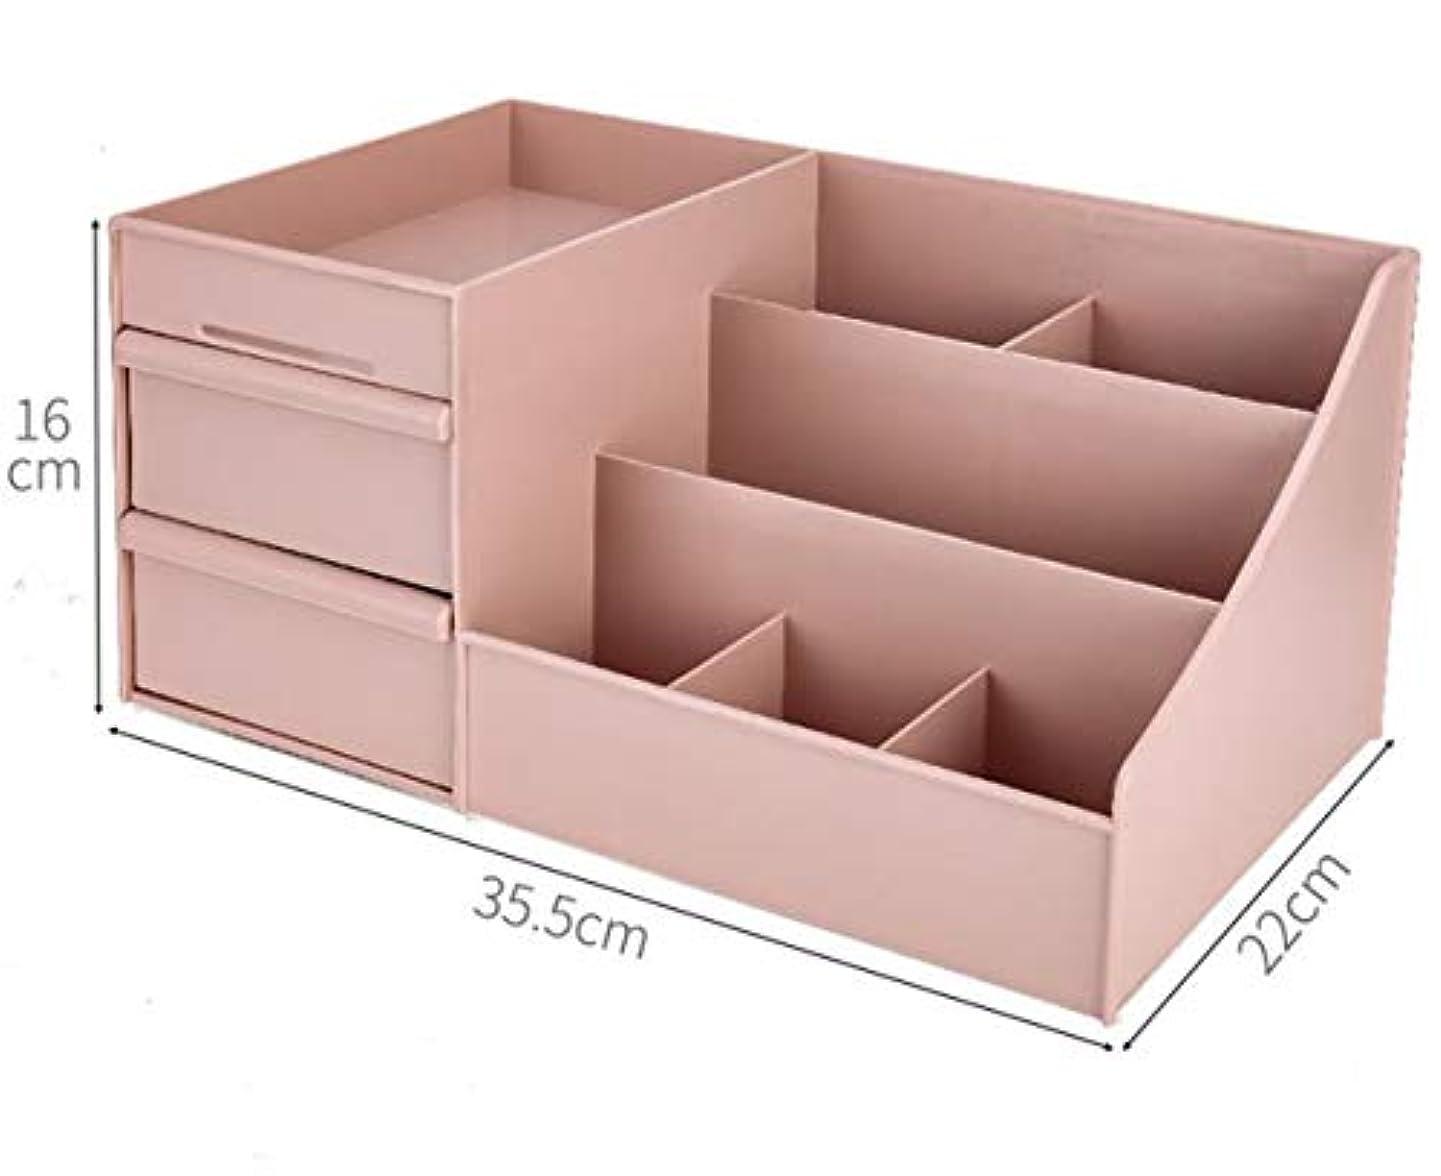 遺産ヒゲロケット[ベィジャン] 化粧品収納ボックス メイクボックス メイクケース コスメボックス 小物入れ 化粧品入れ 卓上収納 シンプル コスメ収納 大容量 アクセサリーボックス おしゃれ ピンク